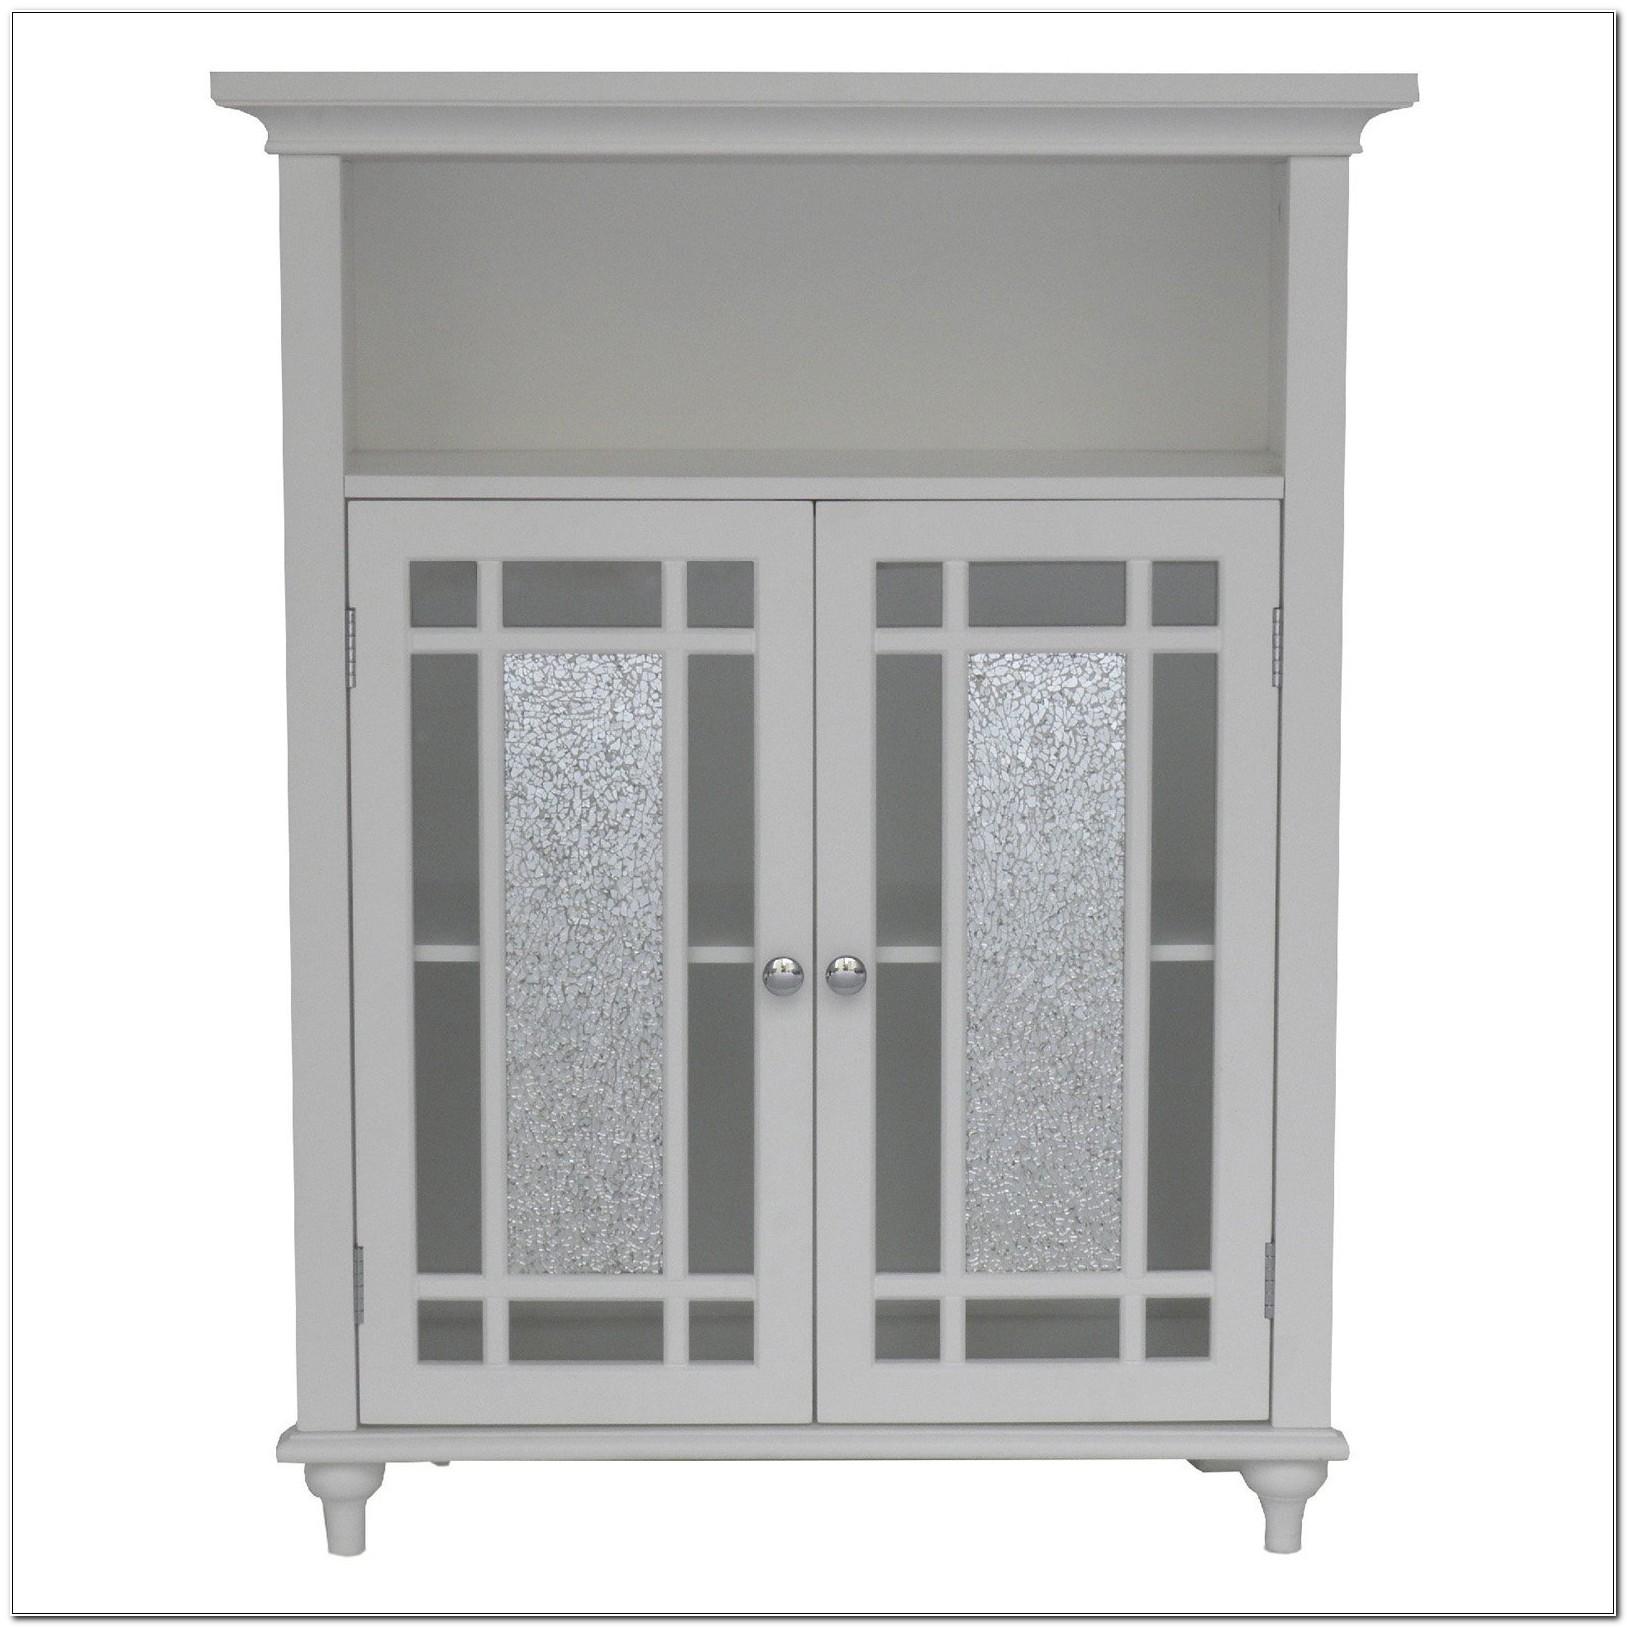 Bathroom Floor Cabinet With Glass Doors